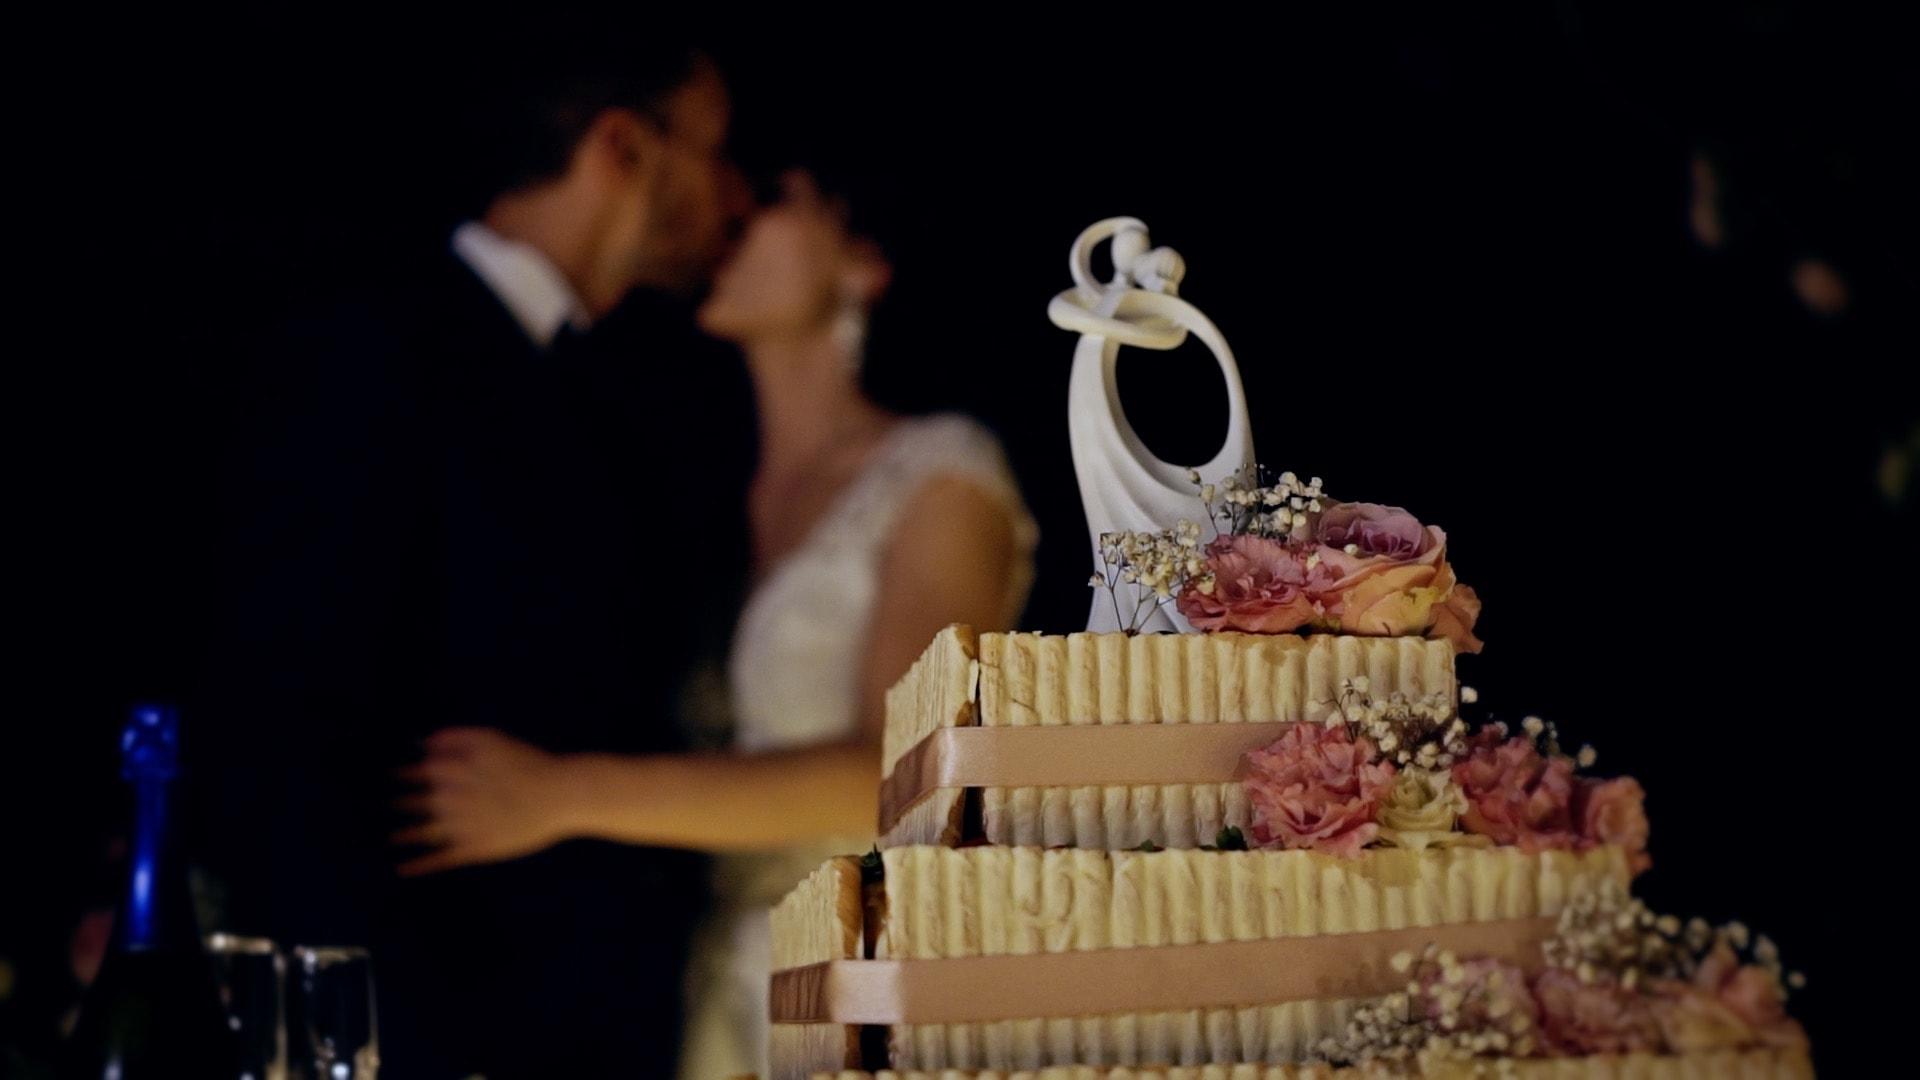 Serenella e Luca recensione del video di matrimonio